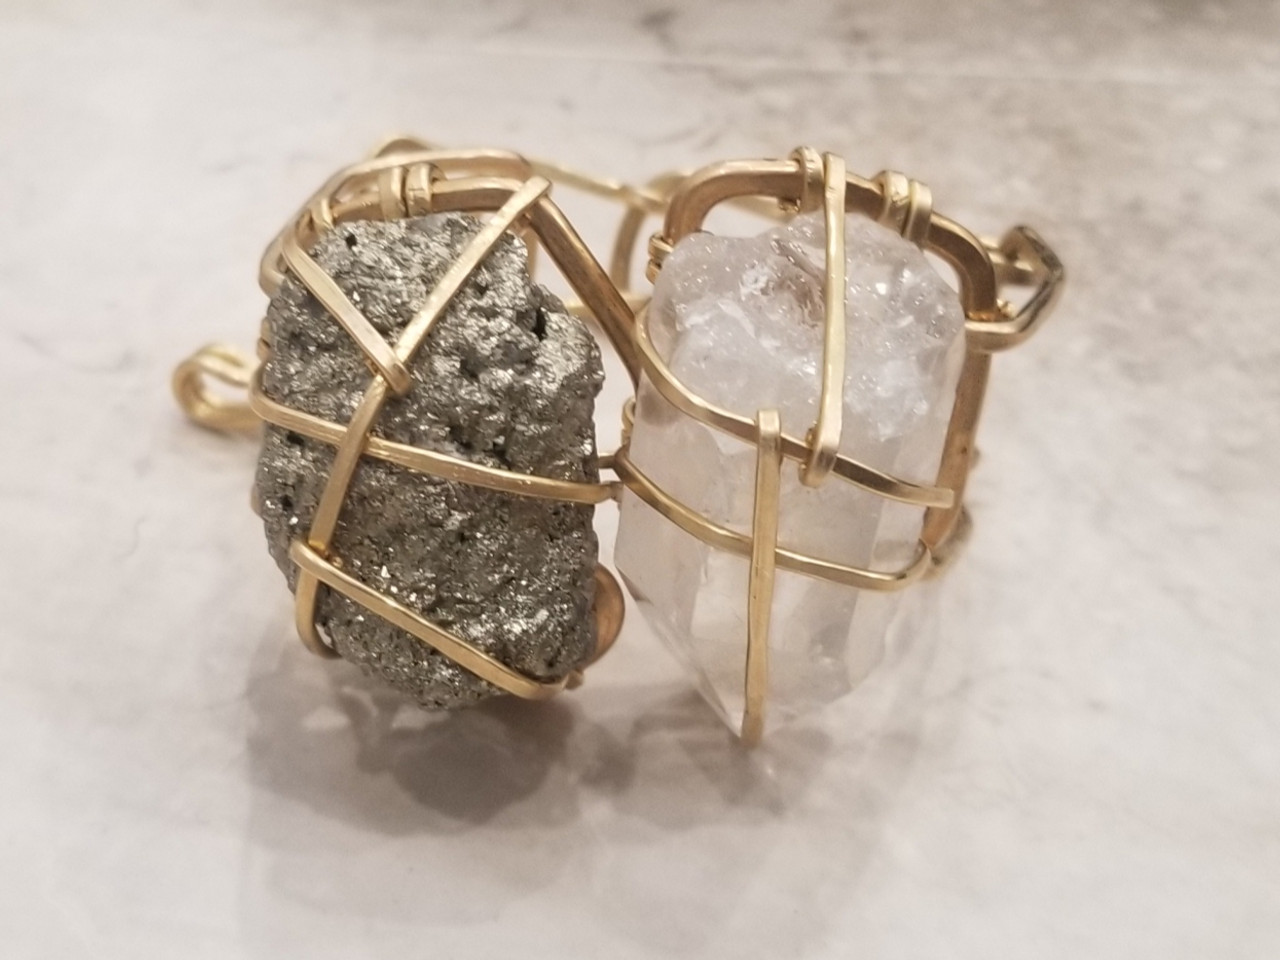 Pyrite & Quartz Crystal Galaxy Cuff